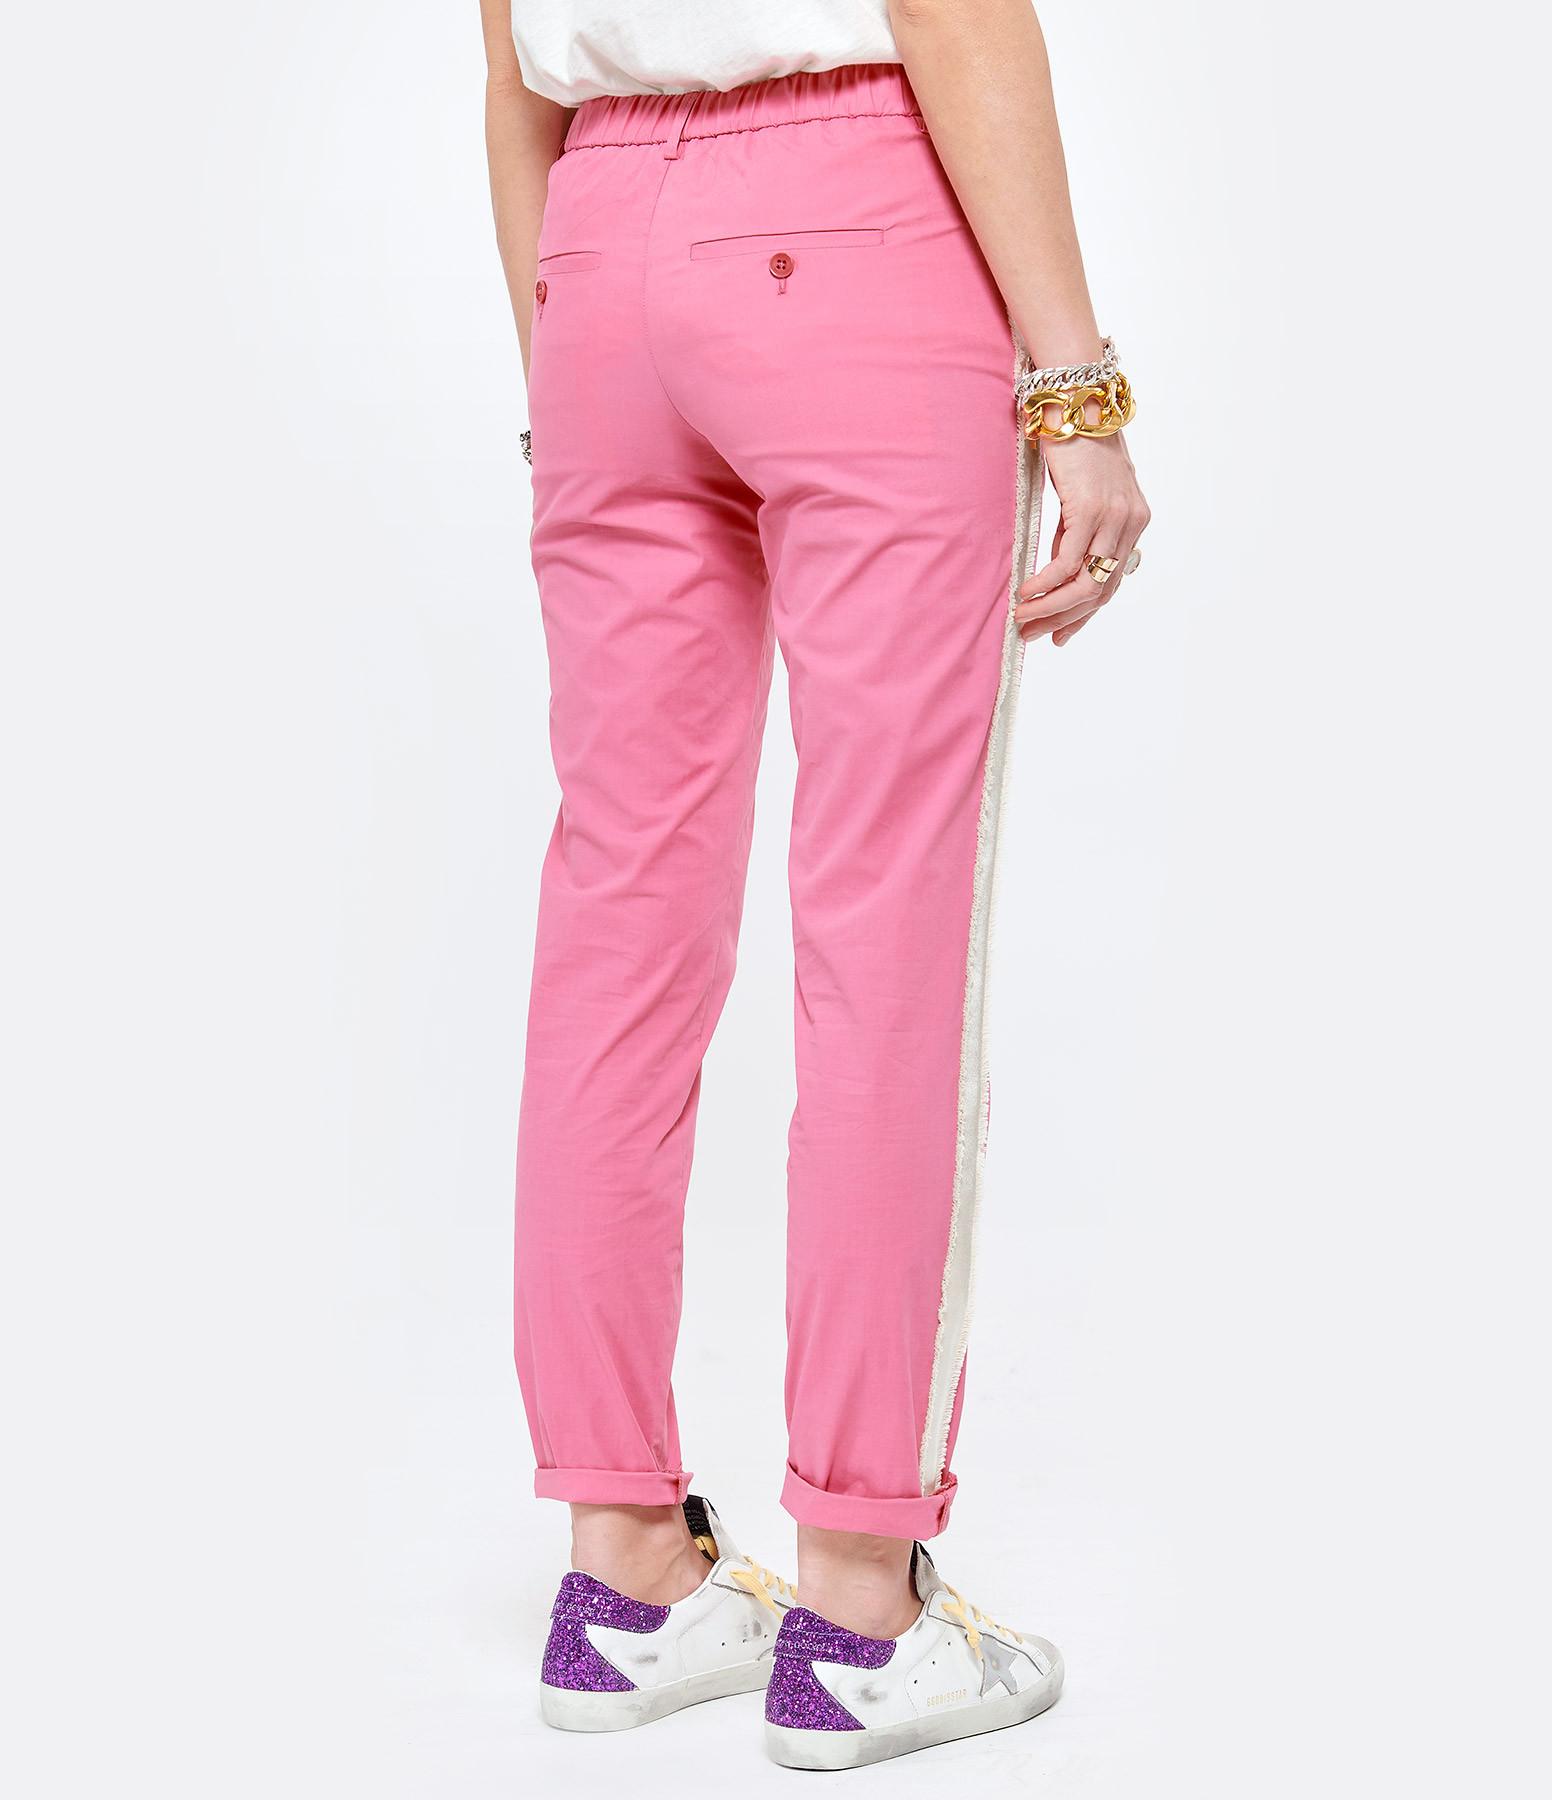 ZADIG & VOLTAIRE - Pantalon Pomelo Coton Rose